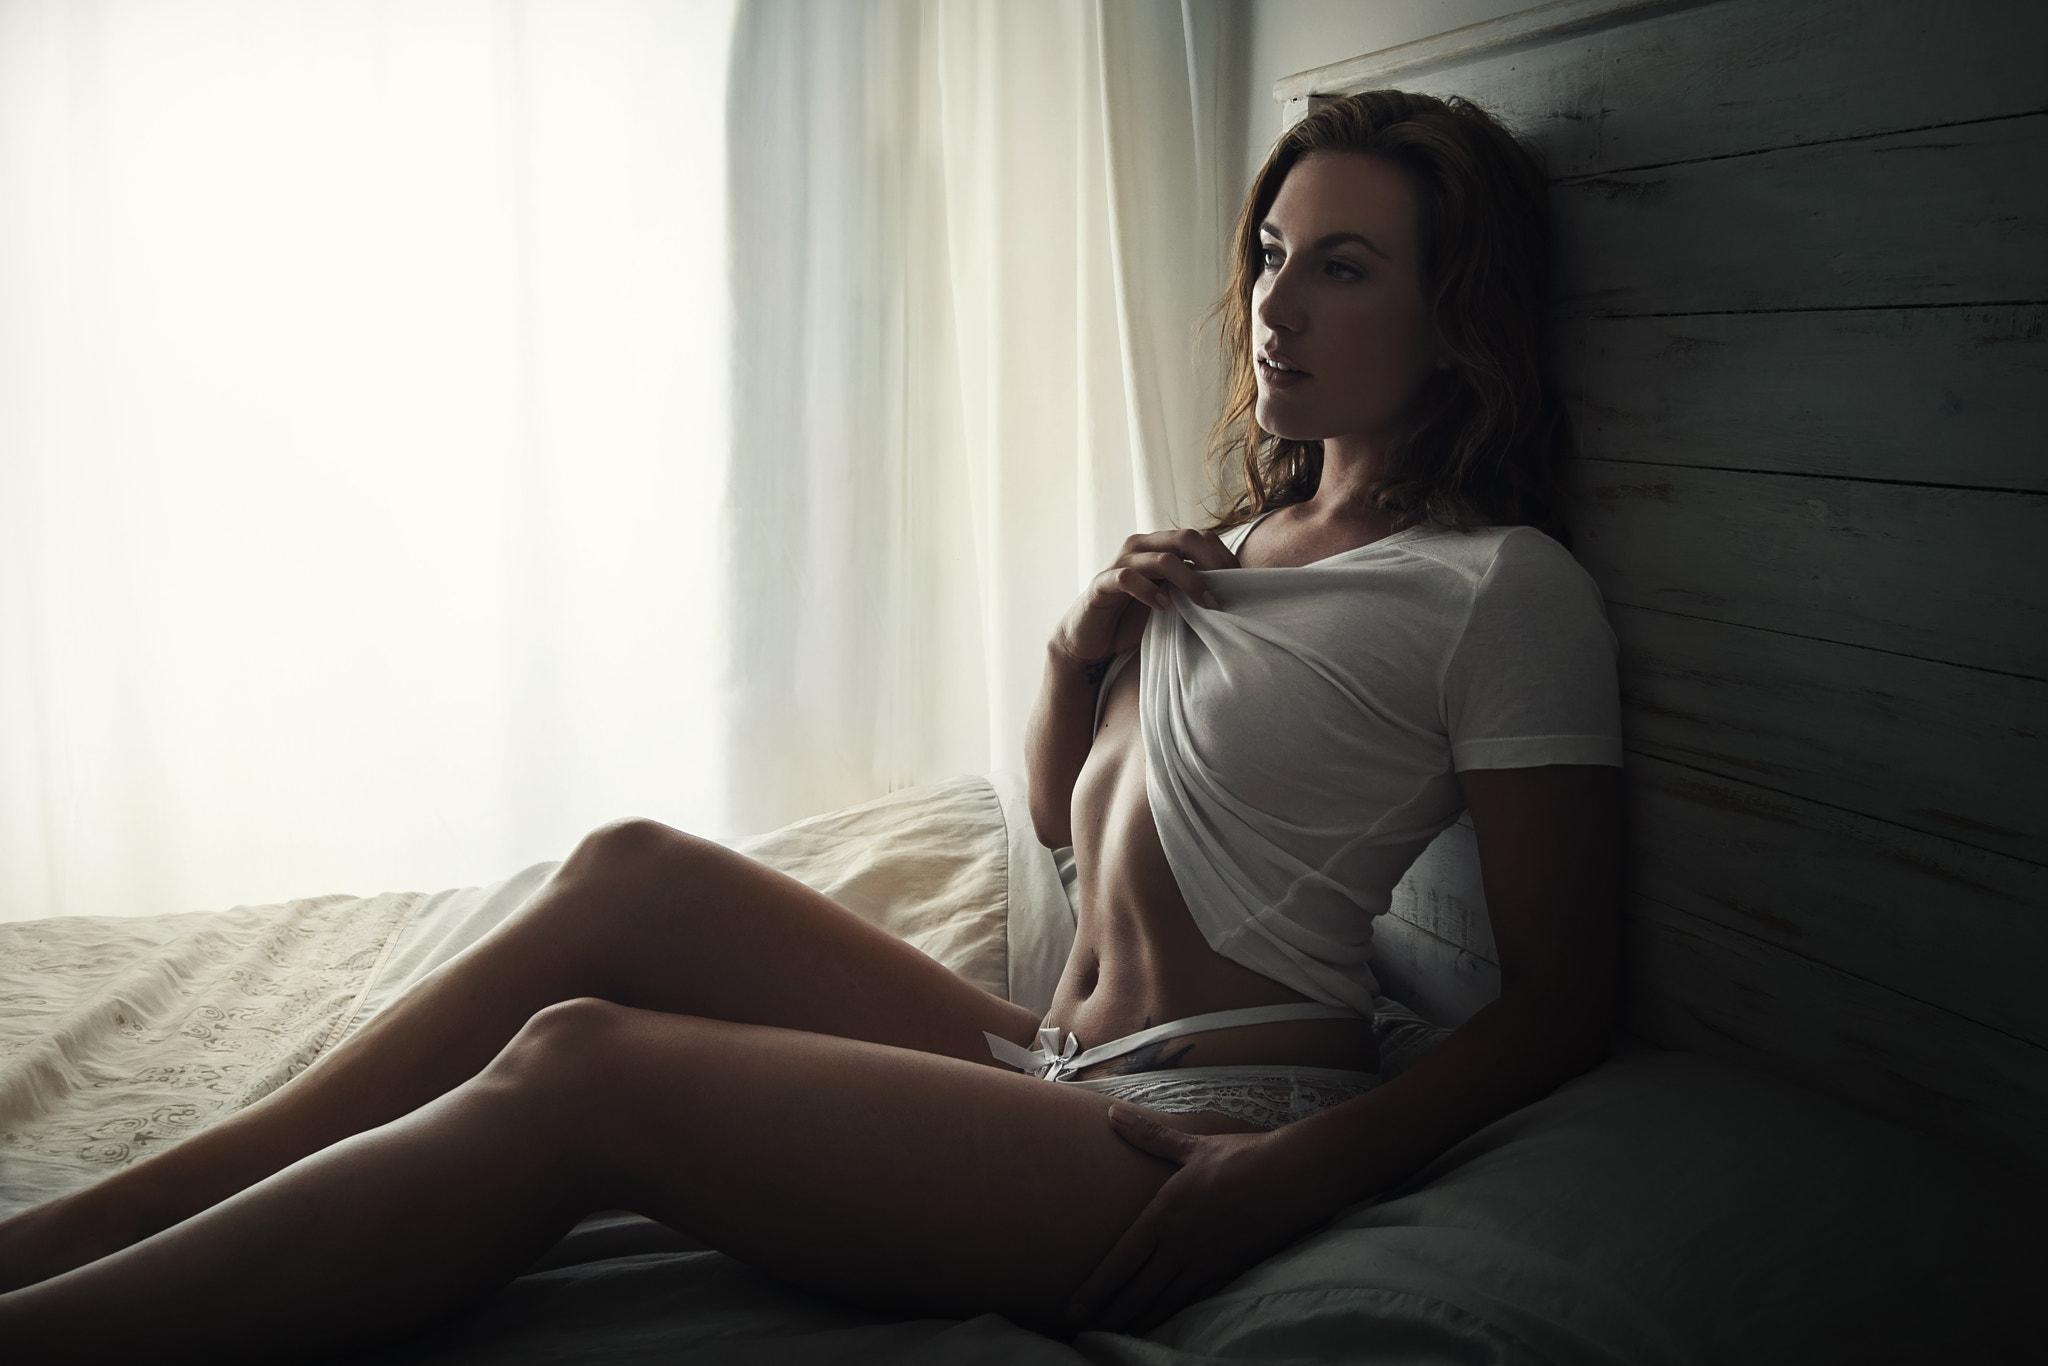 клип девушка на кровати в белой майке не цветной - 9